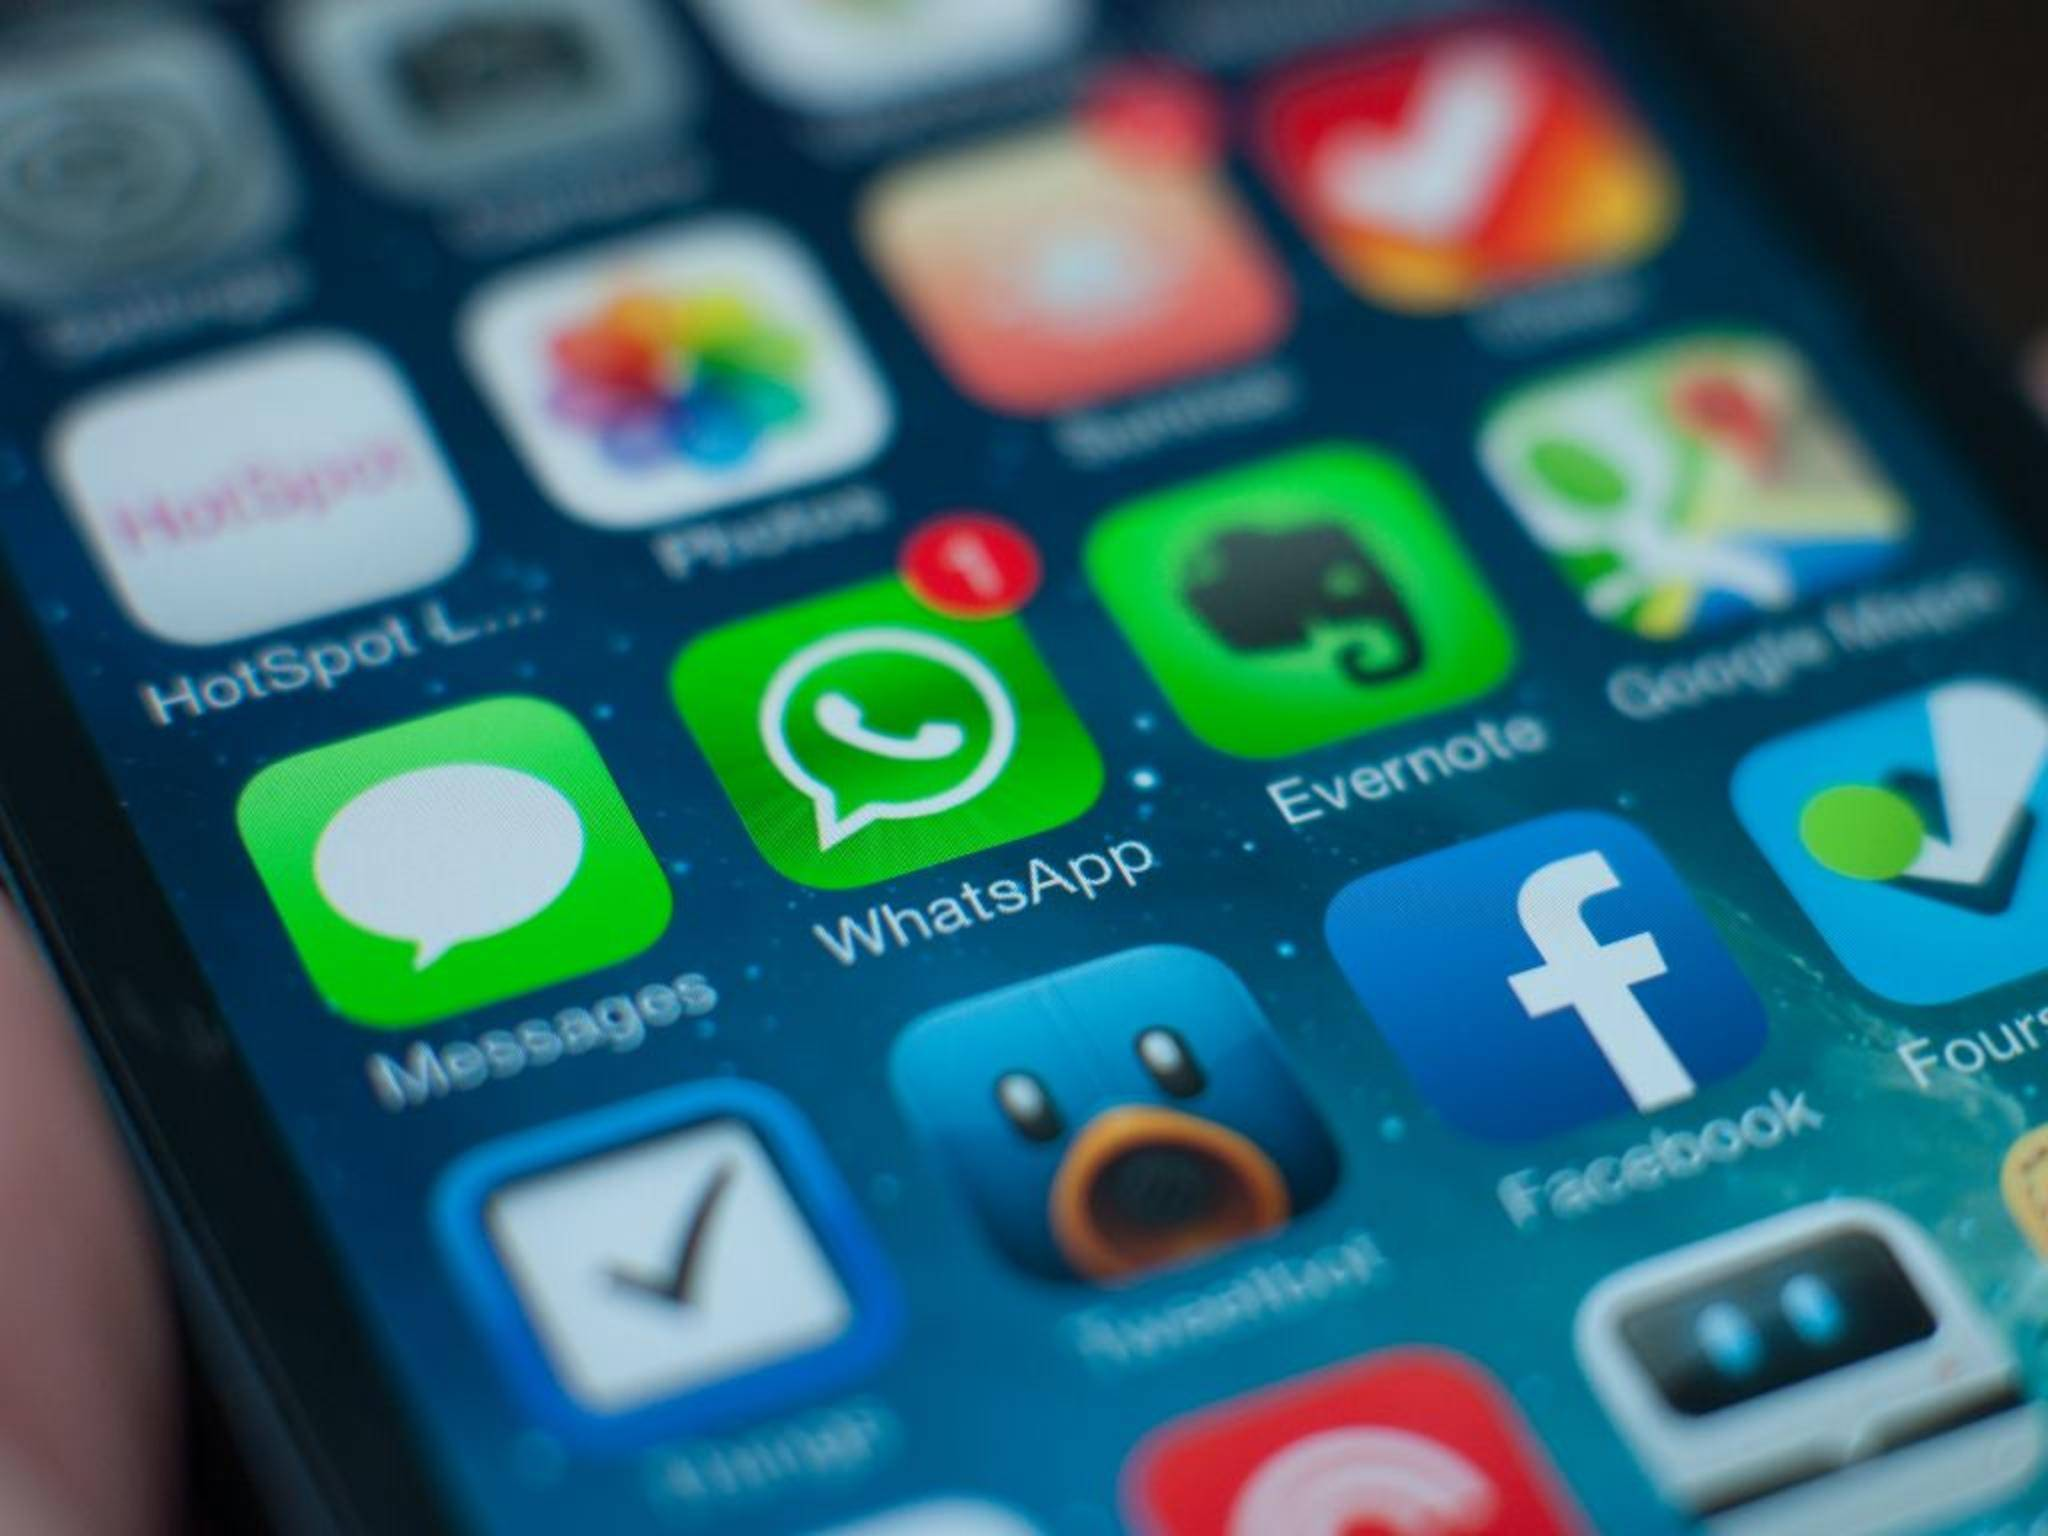 WhatsApp bekommt mit iOS 9.1 ein neues Feature.